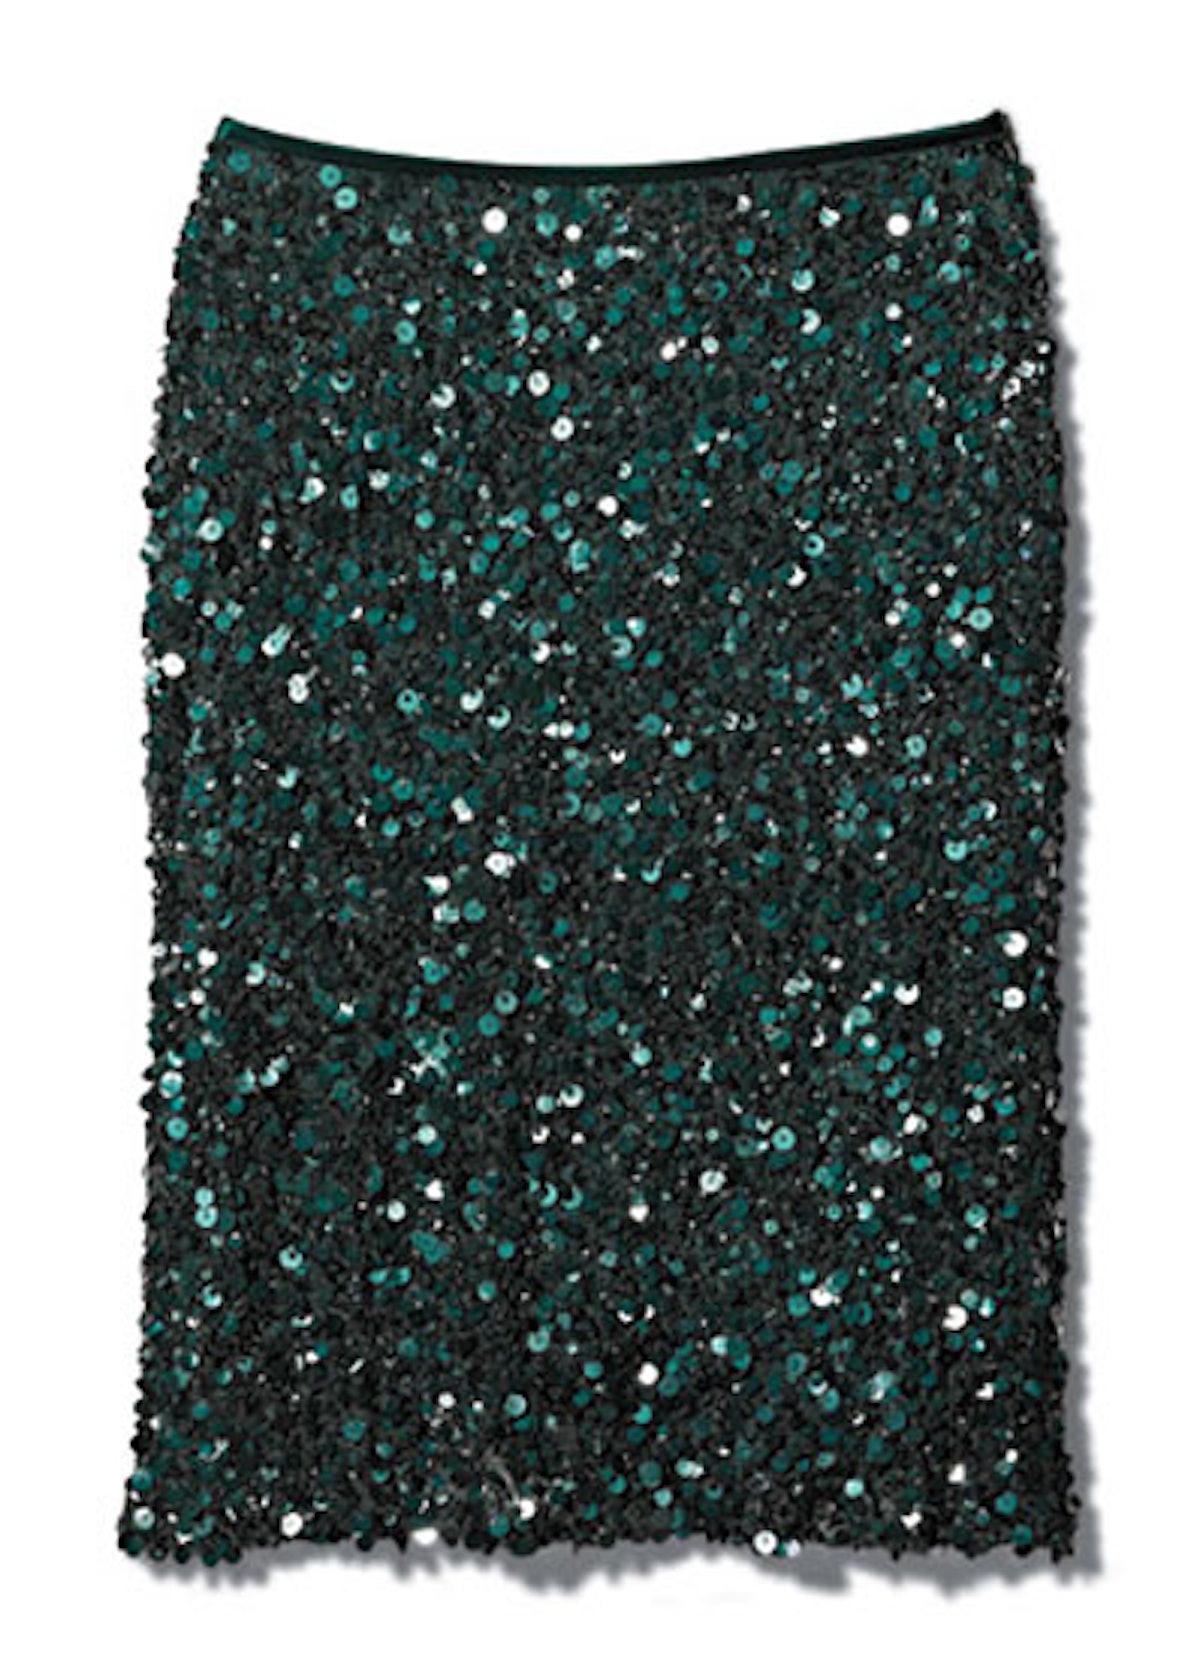 fass-gift-guide-sparkle-08-v.jpg